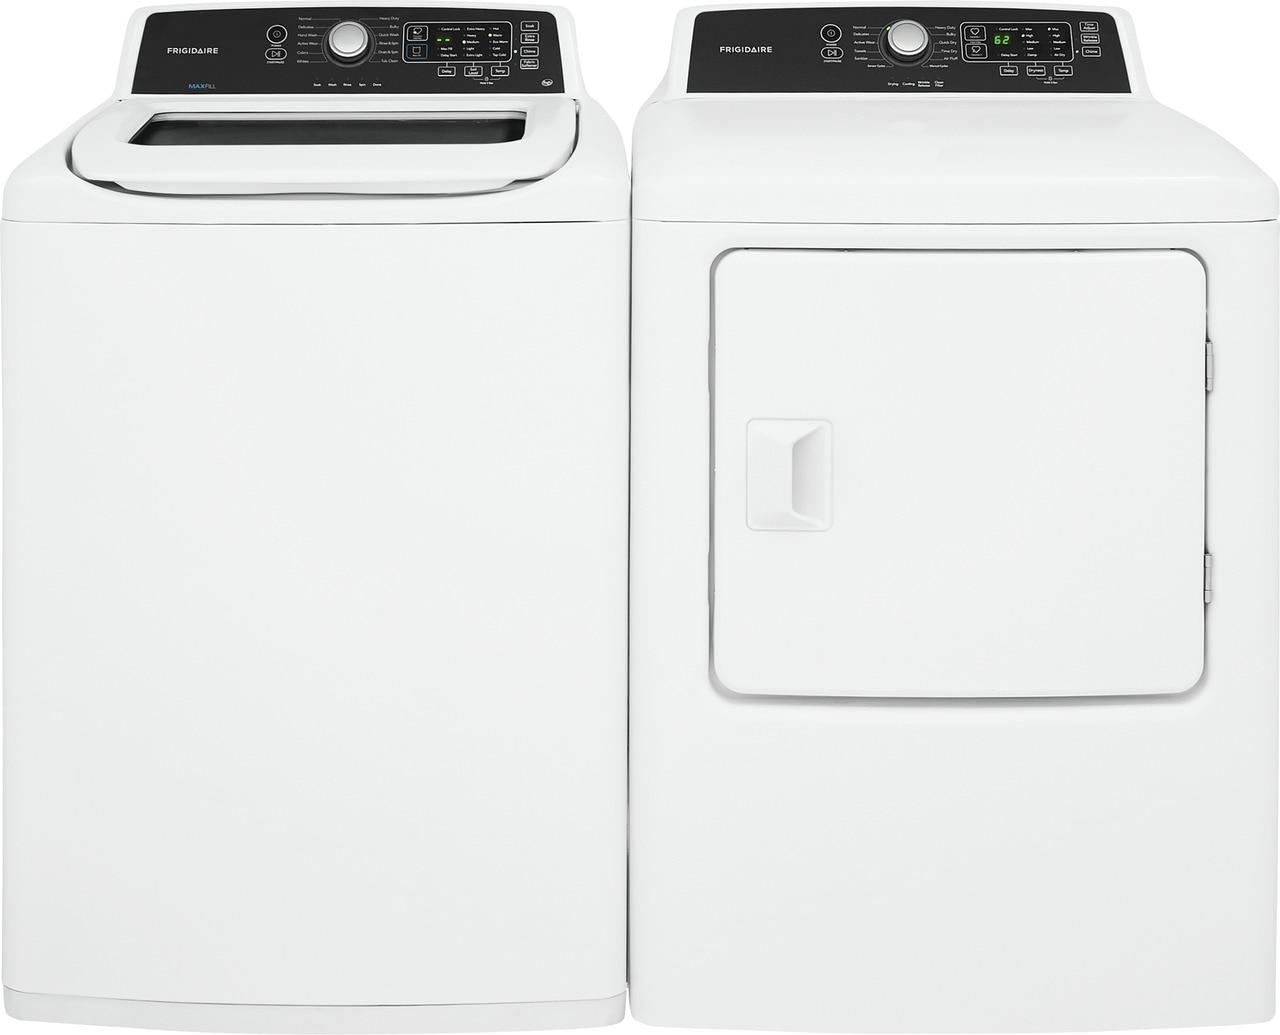 Model: FFTW4120SW | Frigidaire 4.1 Cu. Ft. High Efficiency Top Load Washer